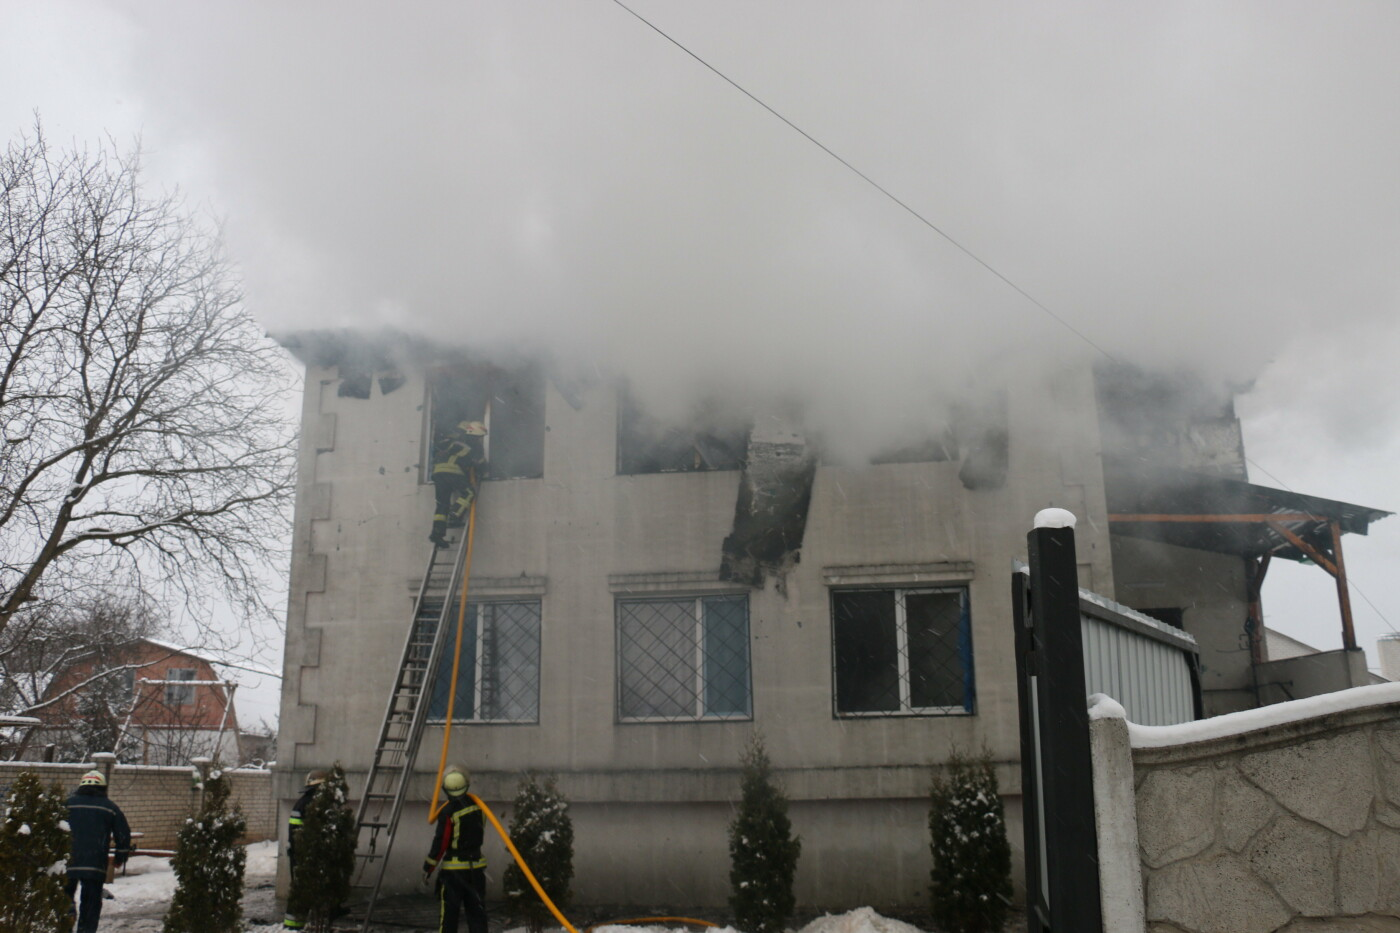 Жалоба та розслідування: що відомо про пожежу у будинку з літніми людьми у Харкові, фото-10